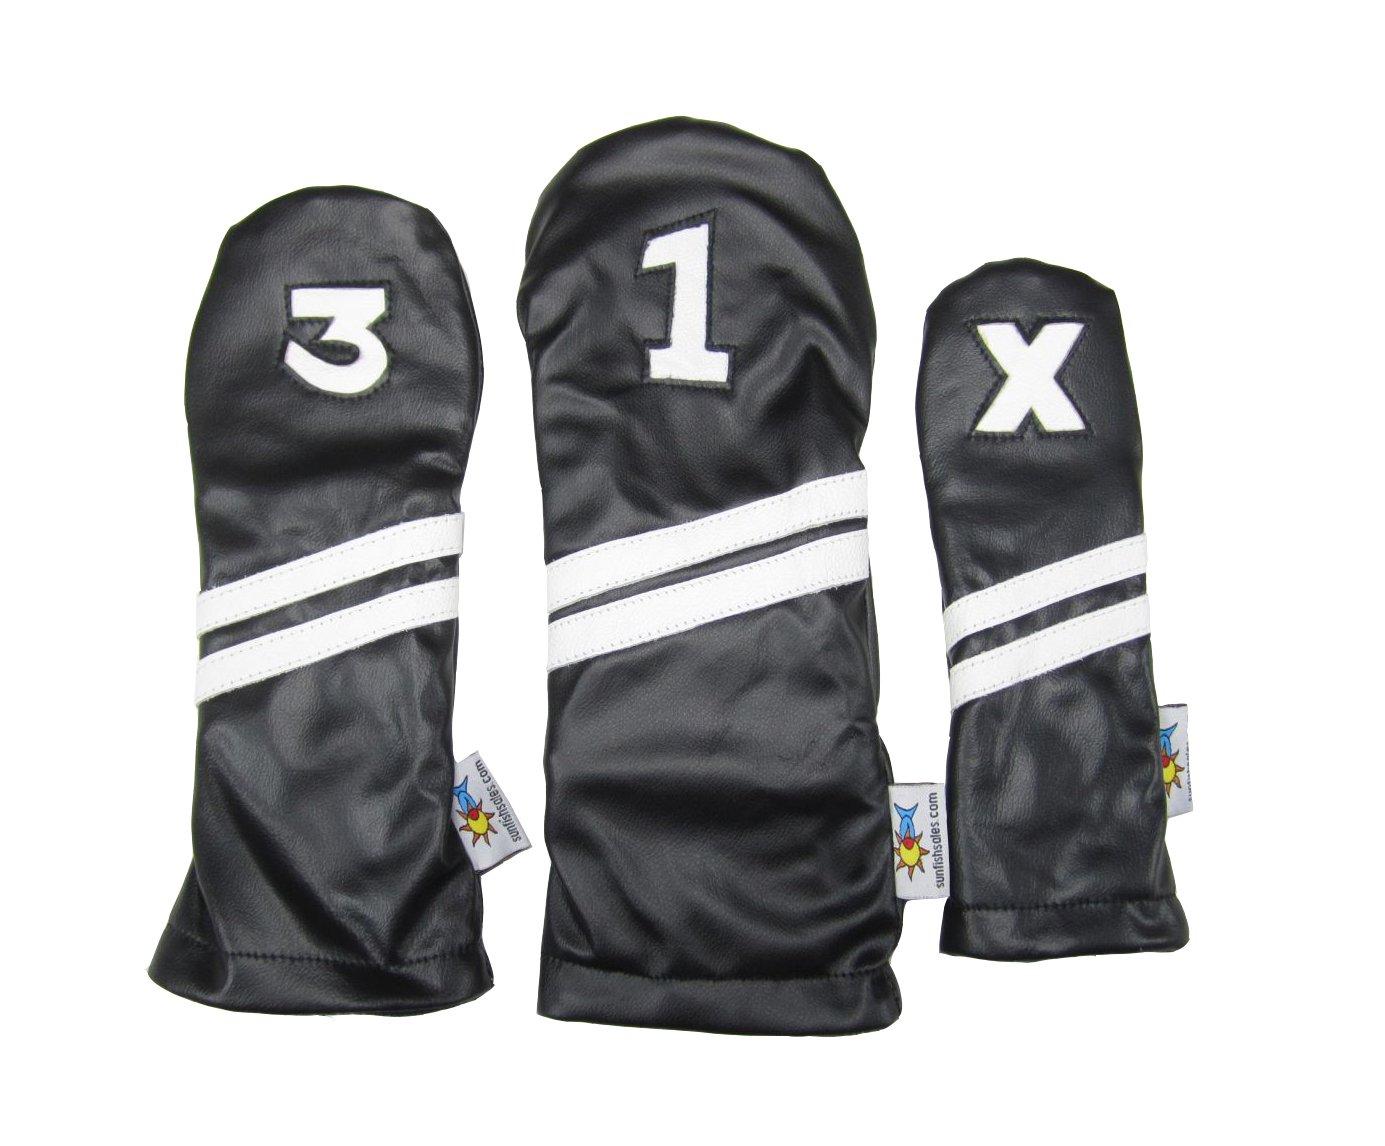 Sunfishレザーヘッドカバーセット1 – 3-xブラックandホワイト   B01MDLNDMJ